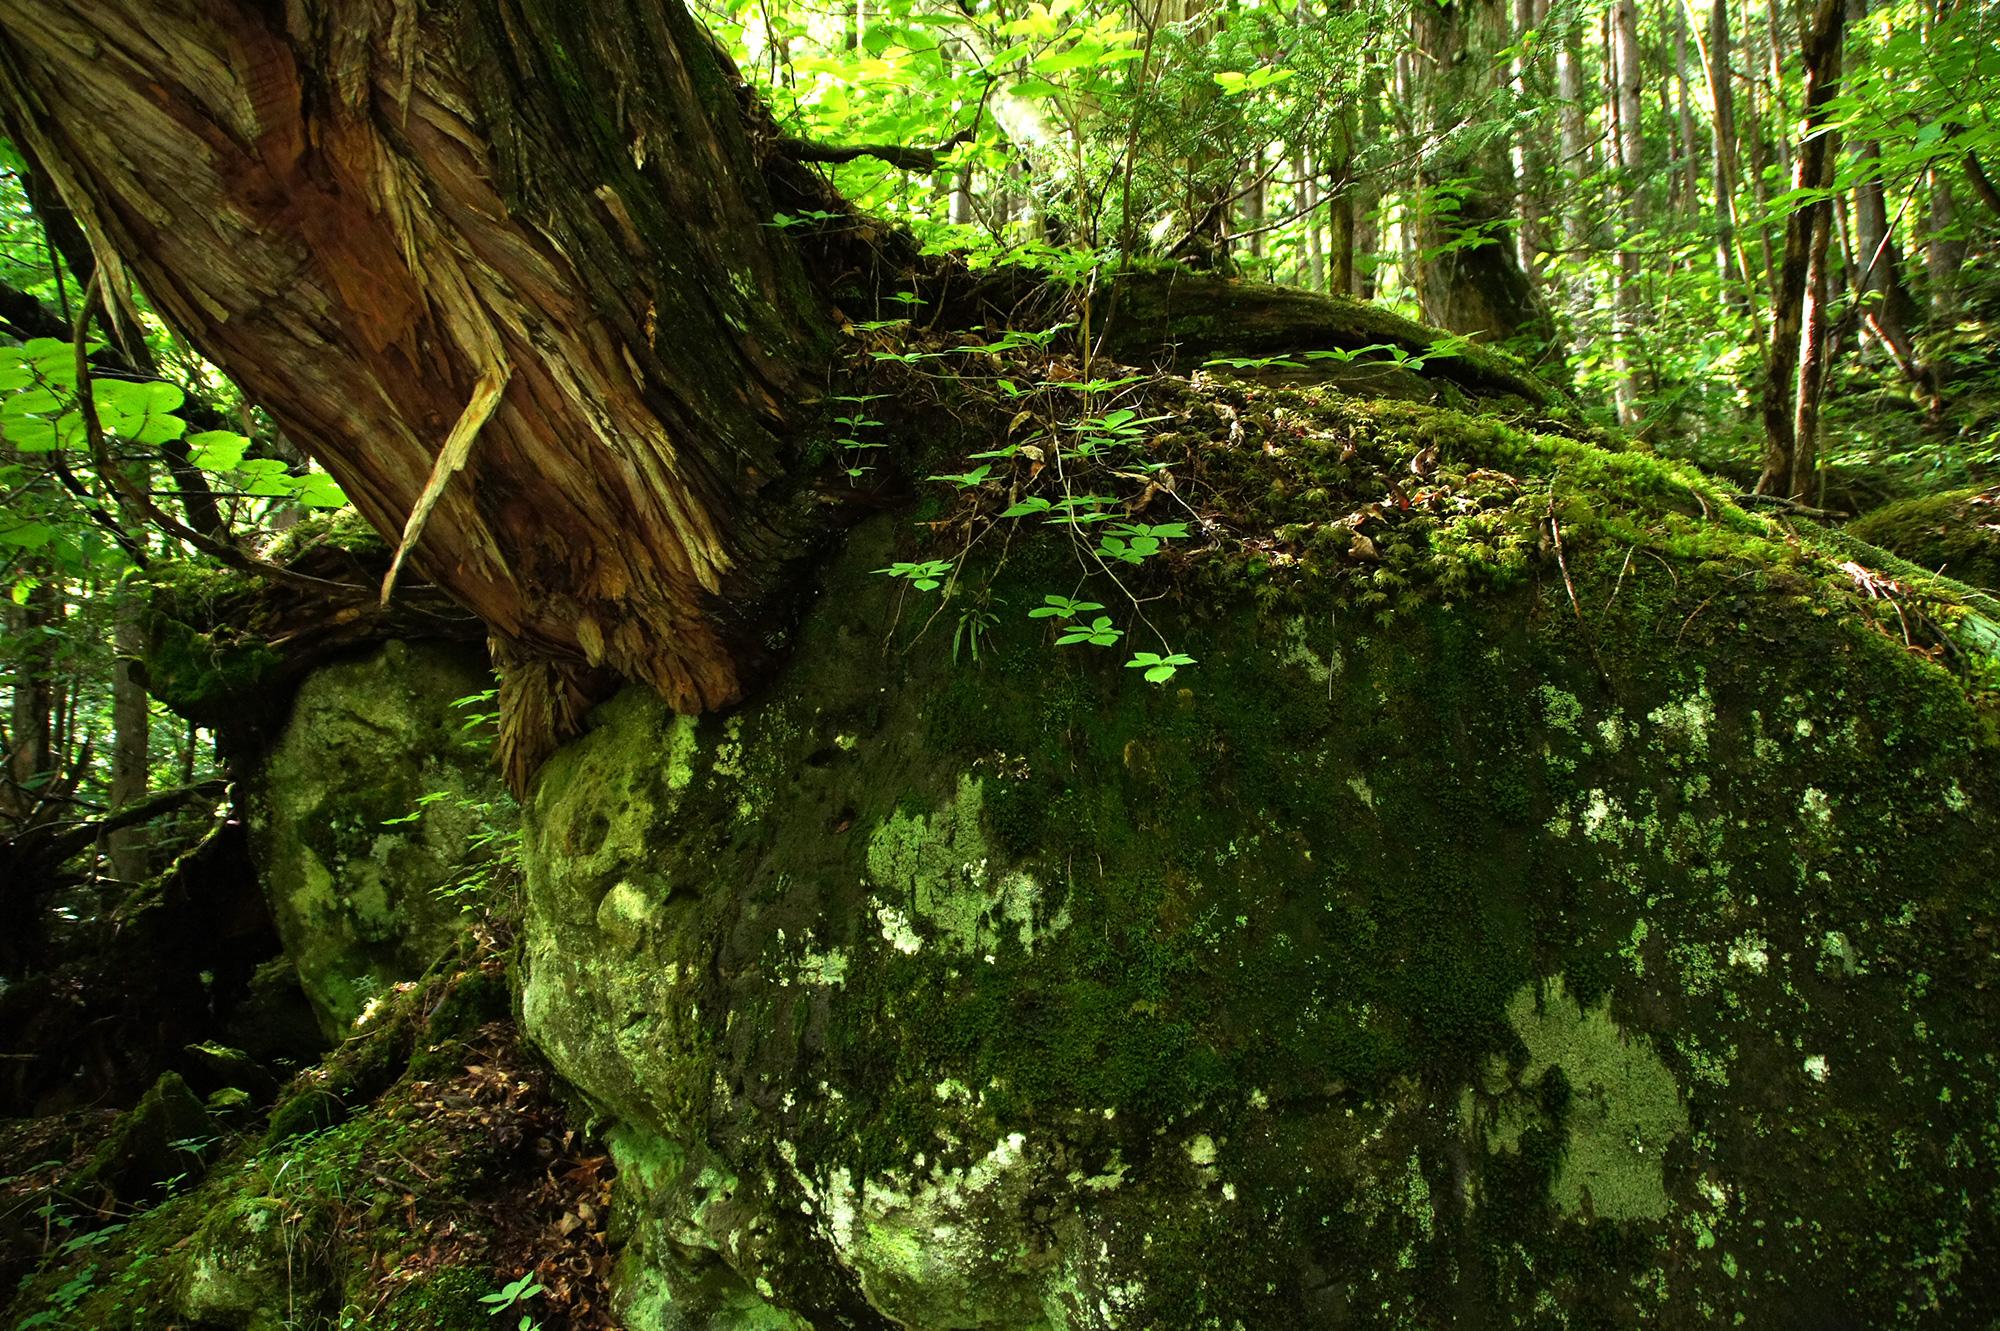 岩からはえているような木の幹のフリー素材